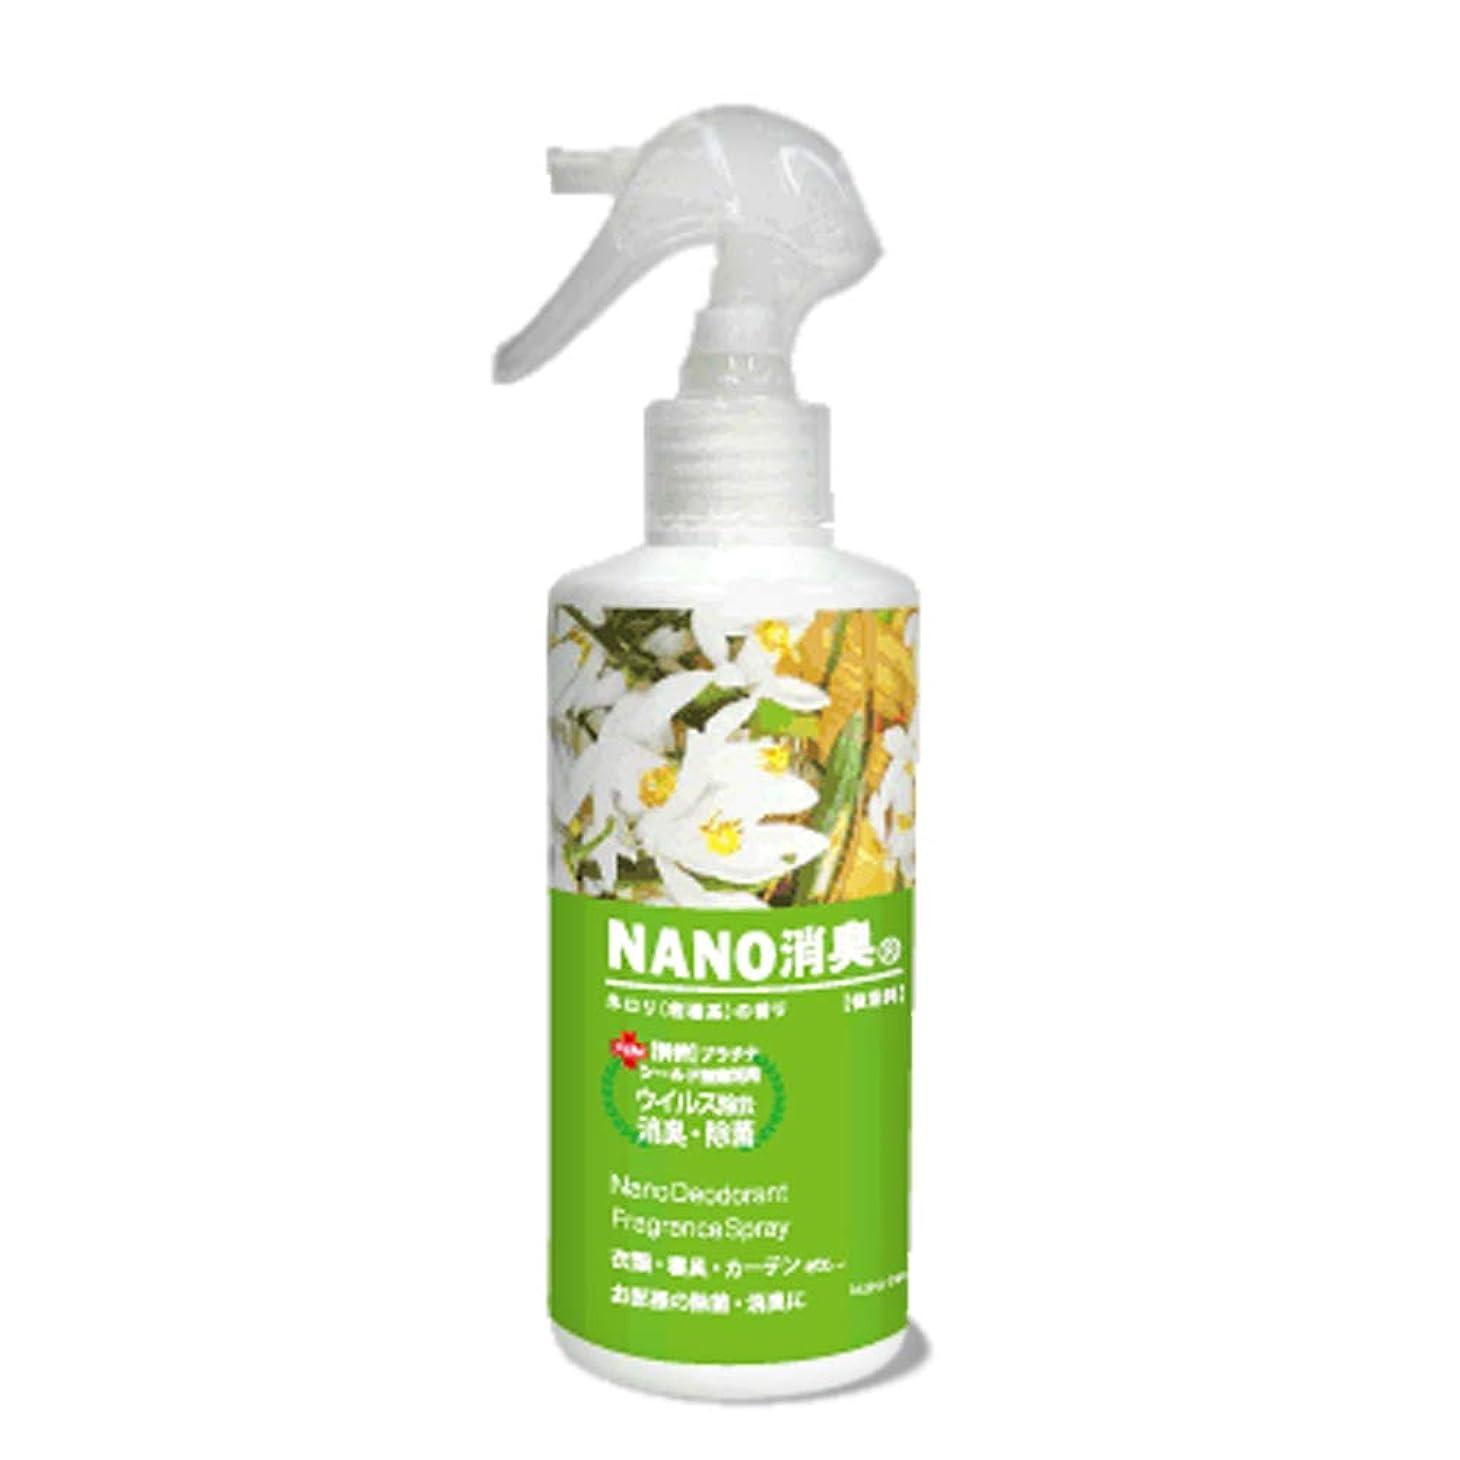 二週間リファインシールNANO消臭 スプレー マスク スプレー トイレ 消臭剤 芳香剤 (ネロリ)